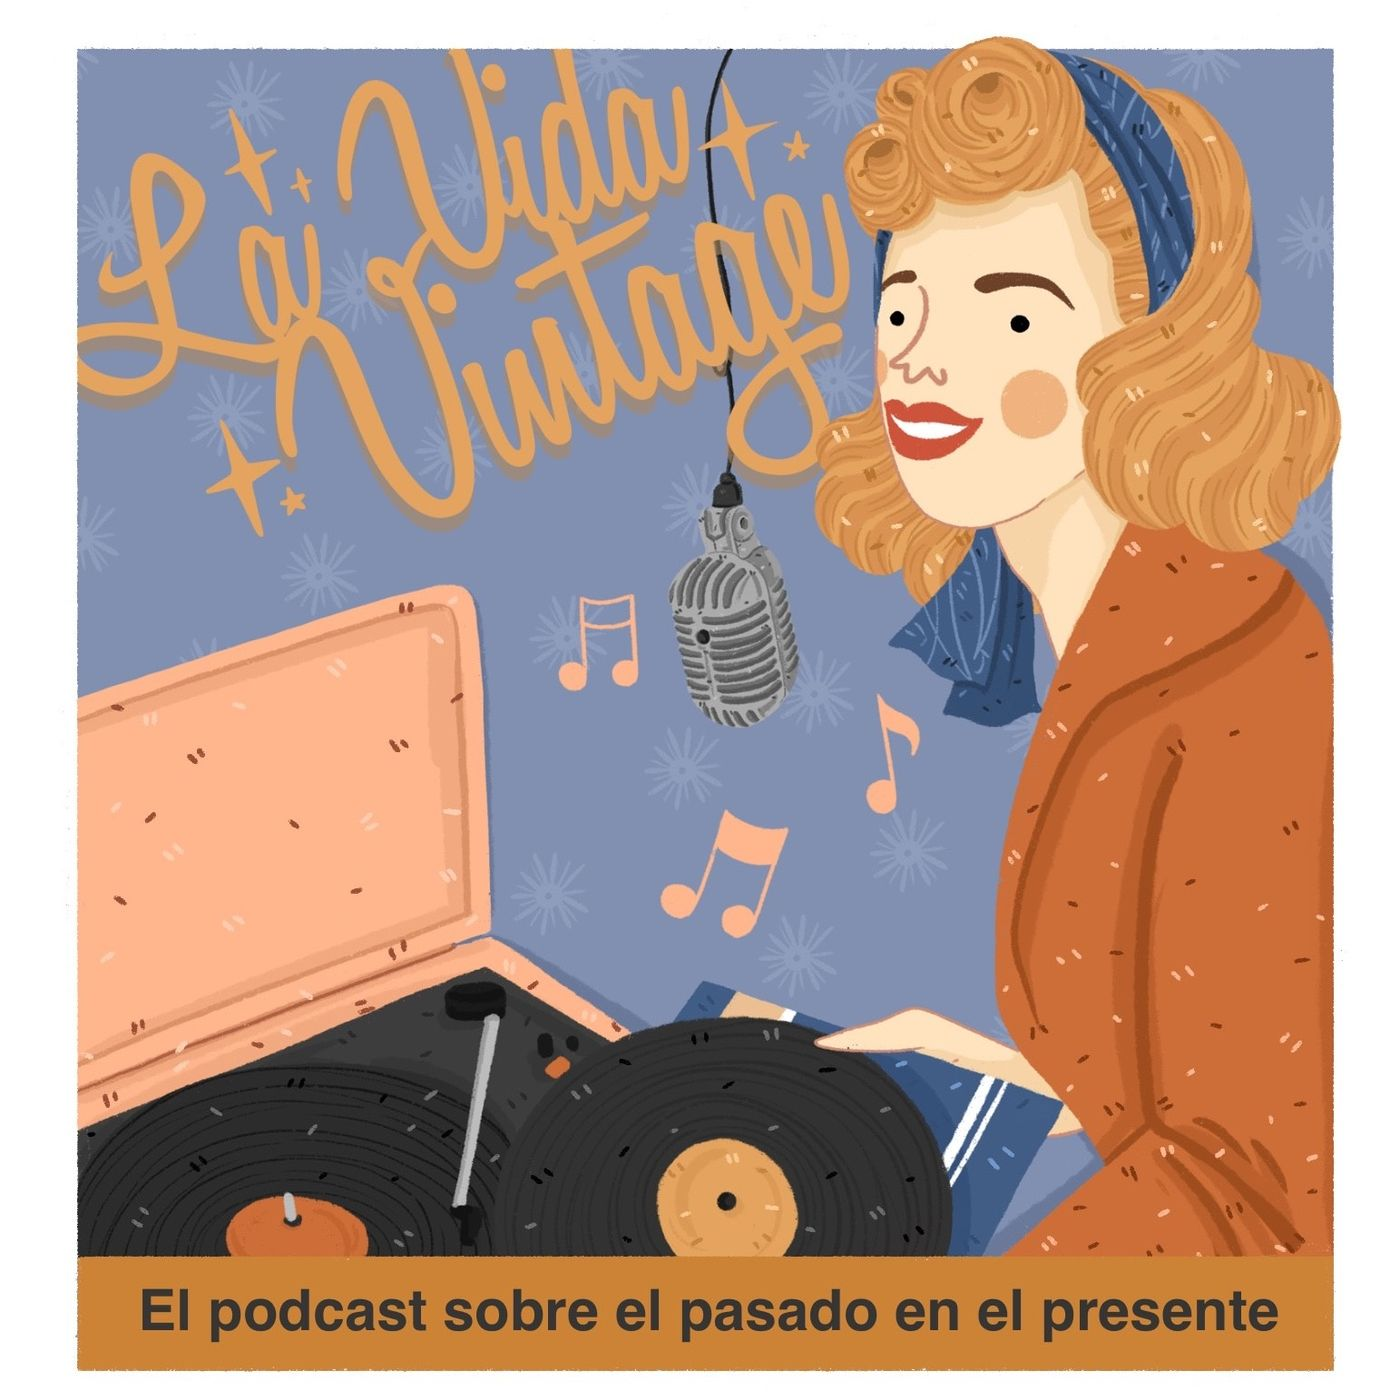 """Televisión Vintage:  La serie """"favorita"""" de Wanda - El show de Dick Van Dake"""